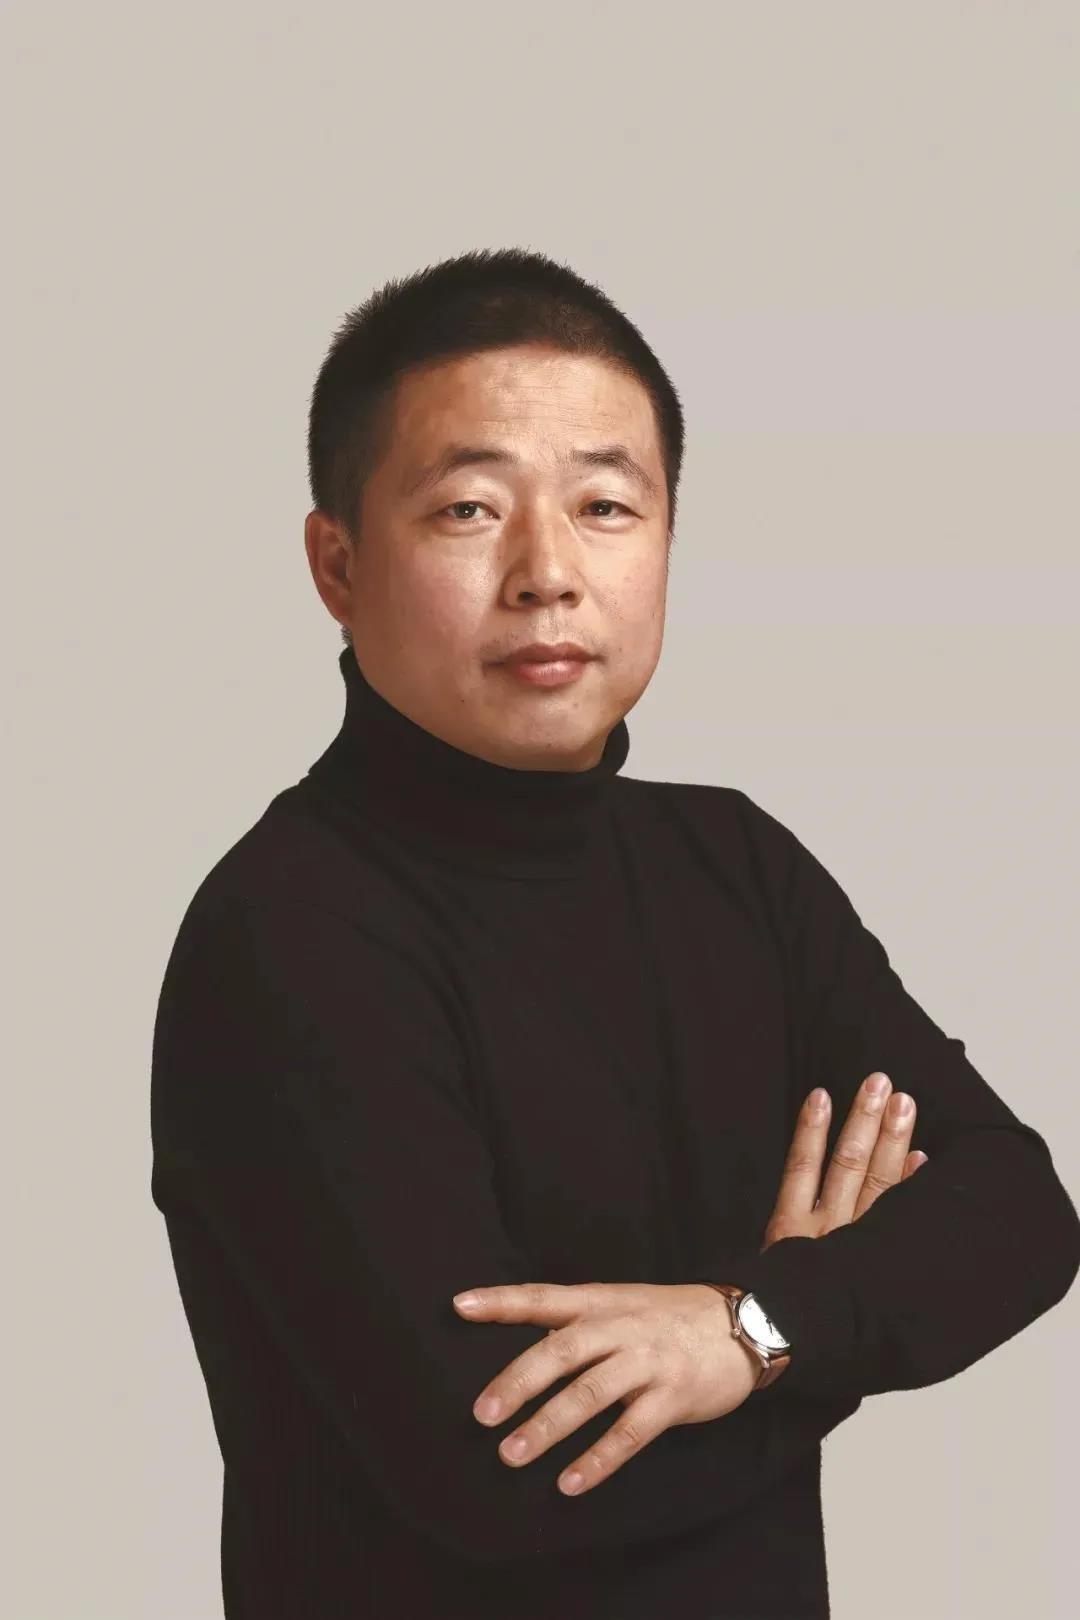 【北京kok平台新用户送彩金企业kok登录】2020年4月3日星期五(庚子鼠年三月十一)